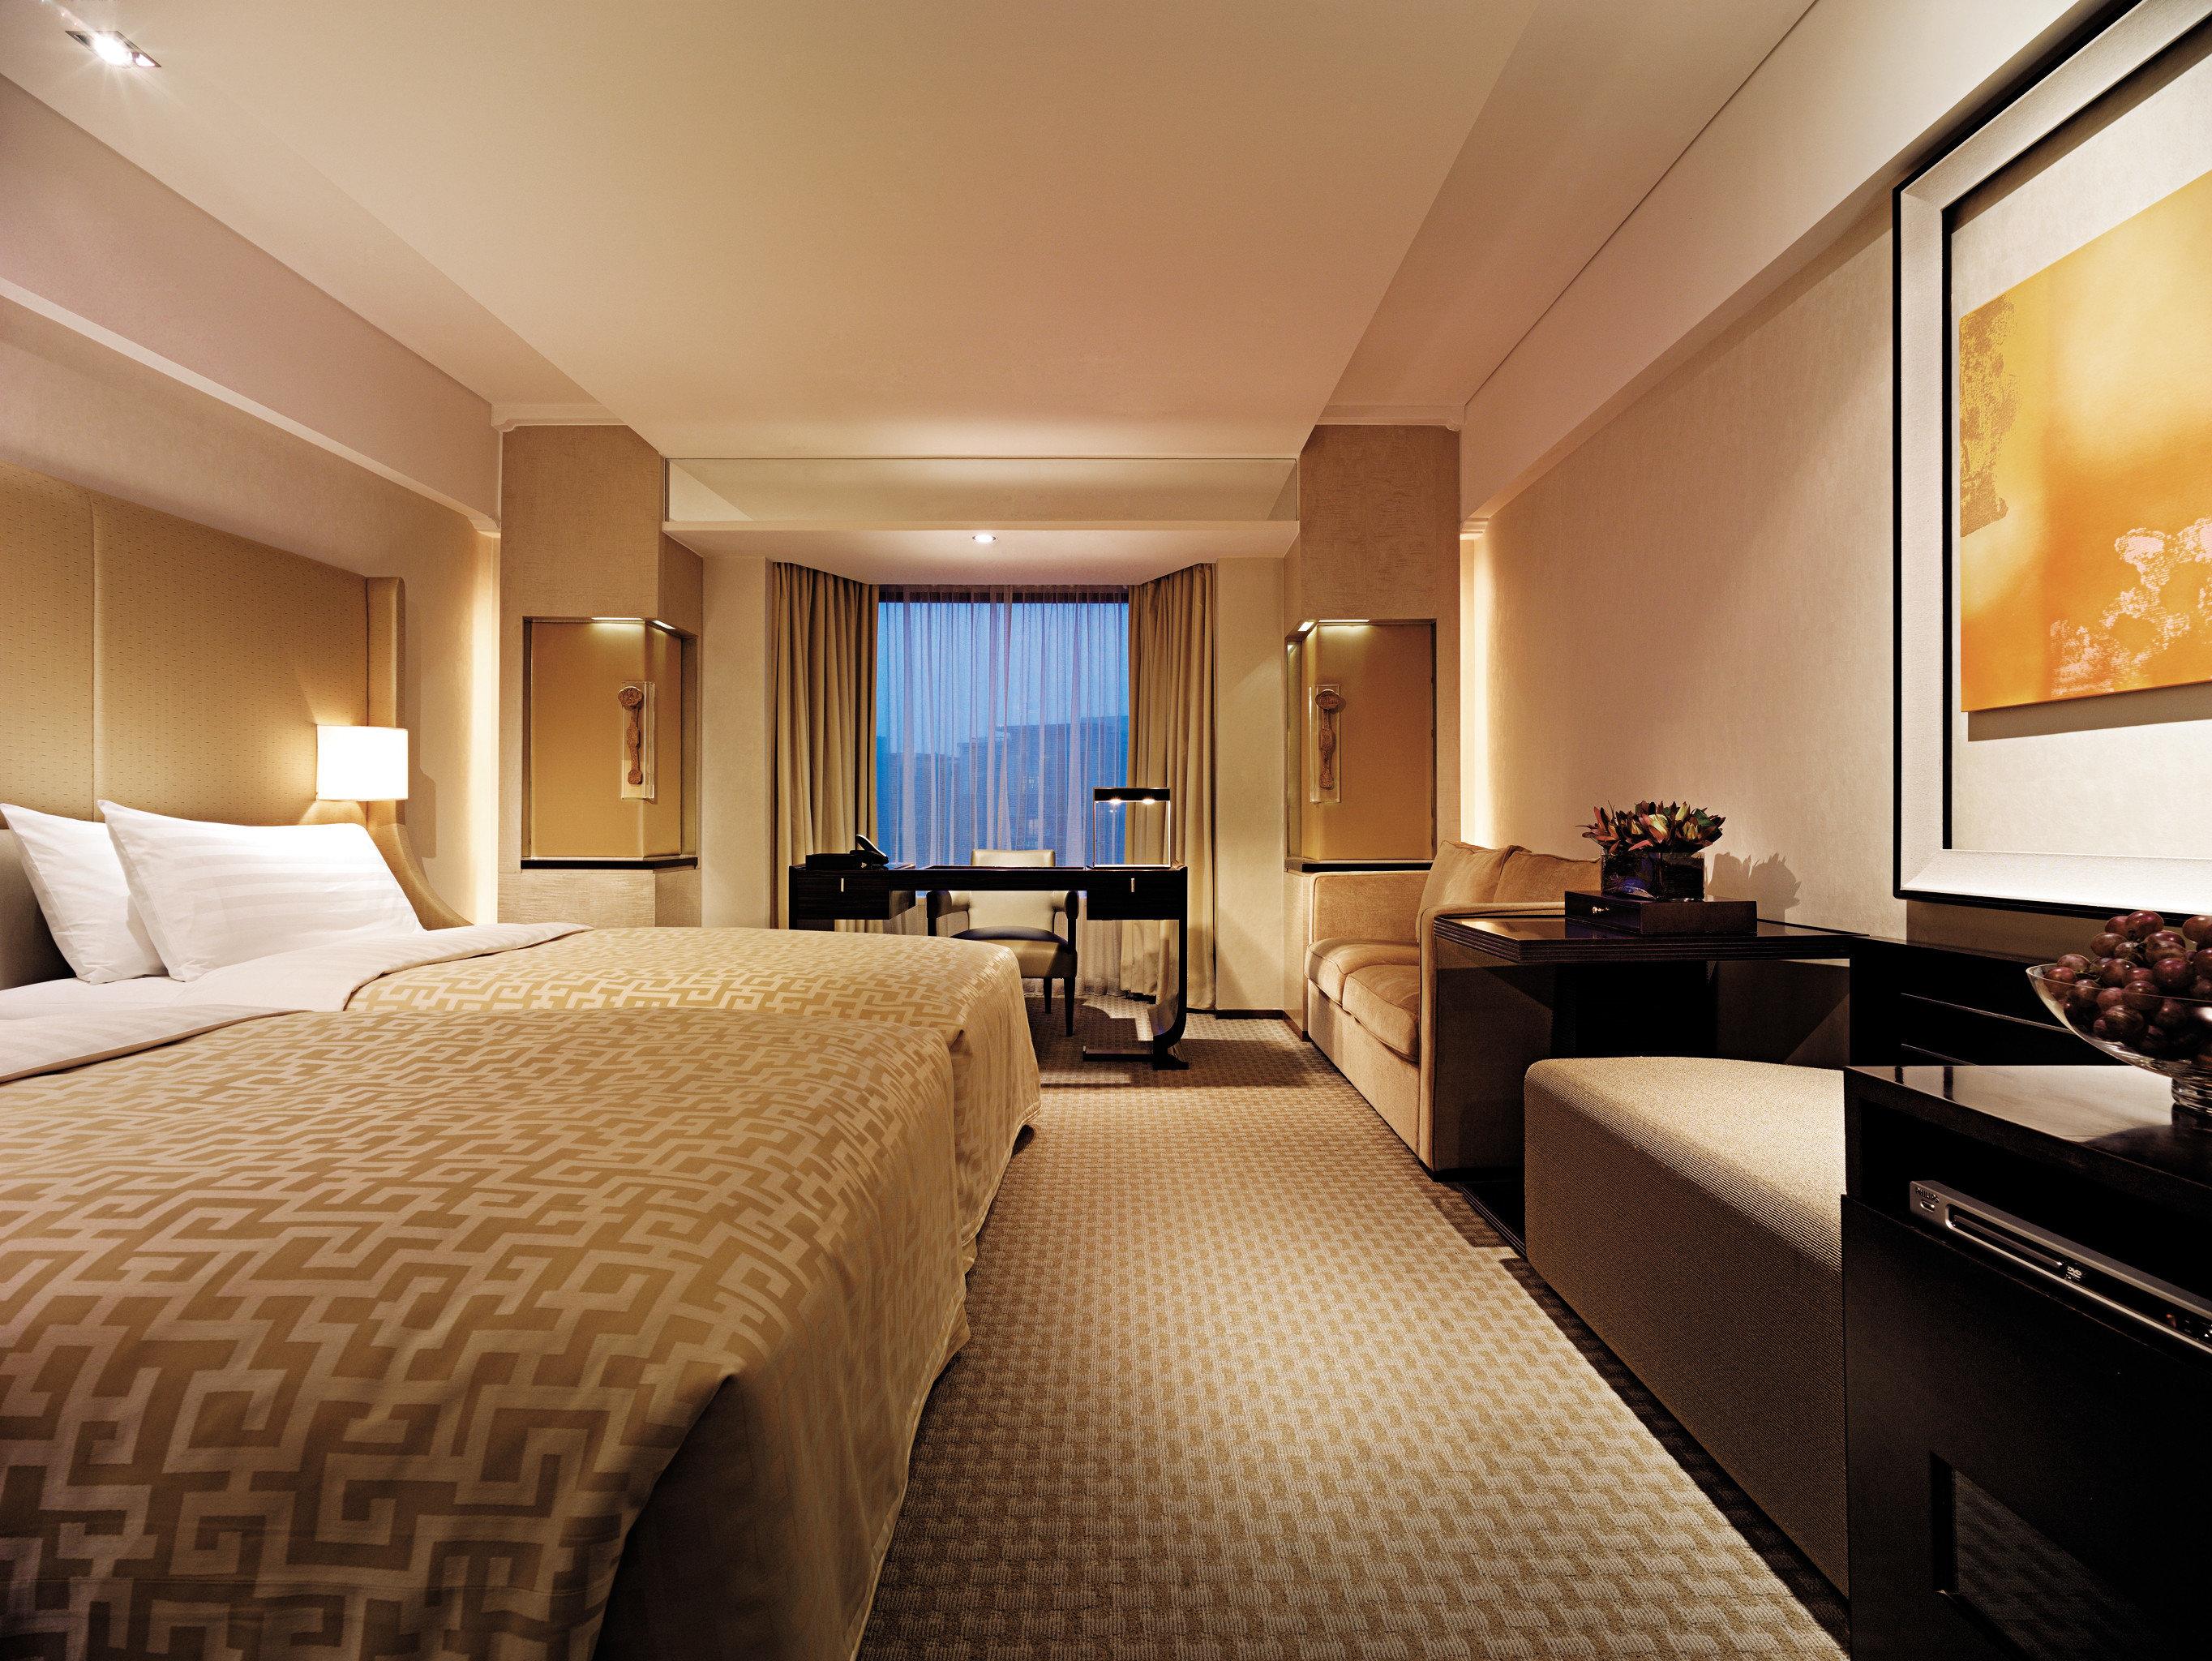 Bedroom Hip Luxury Suite property double big flat